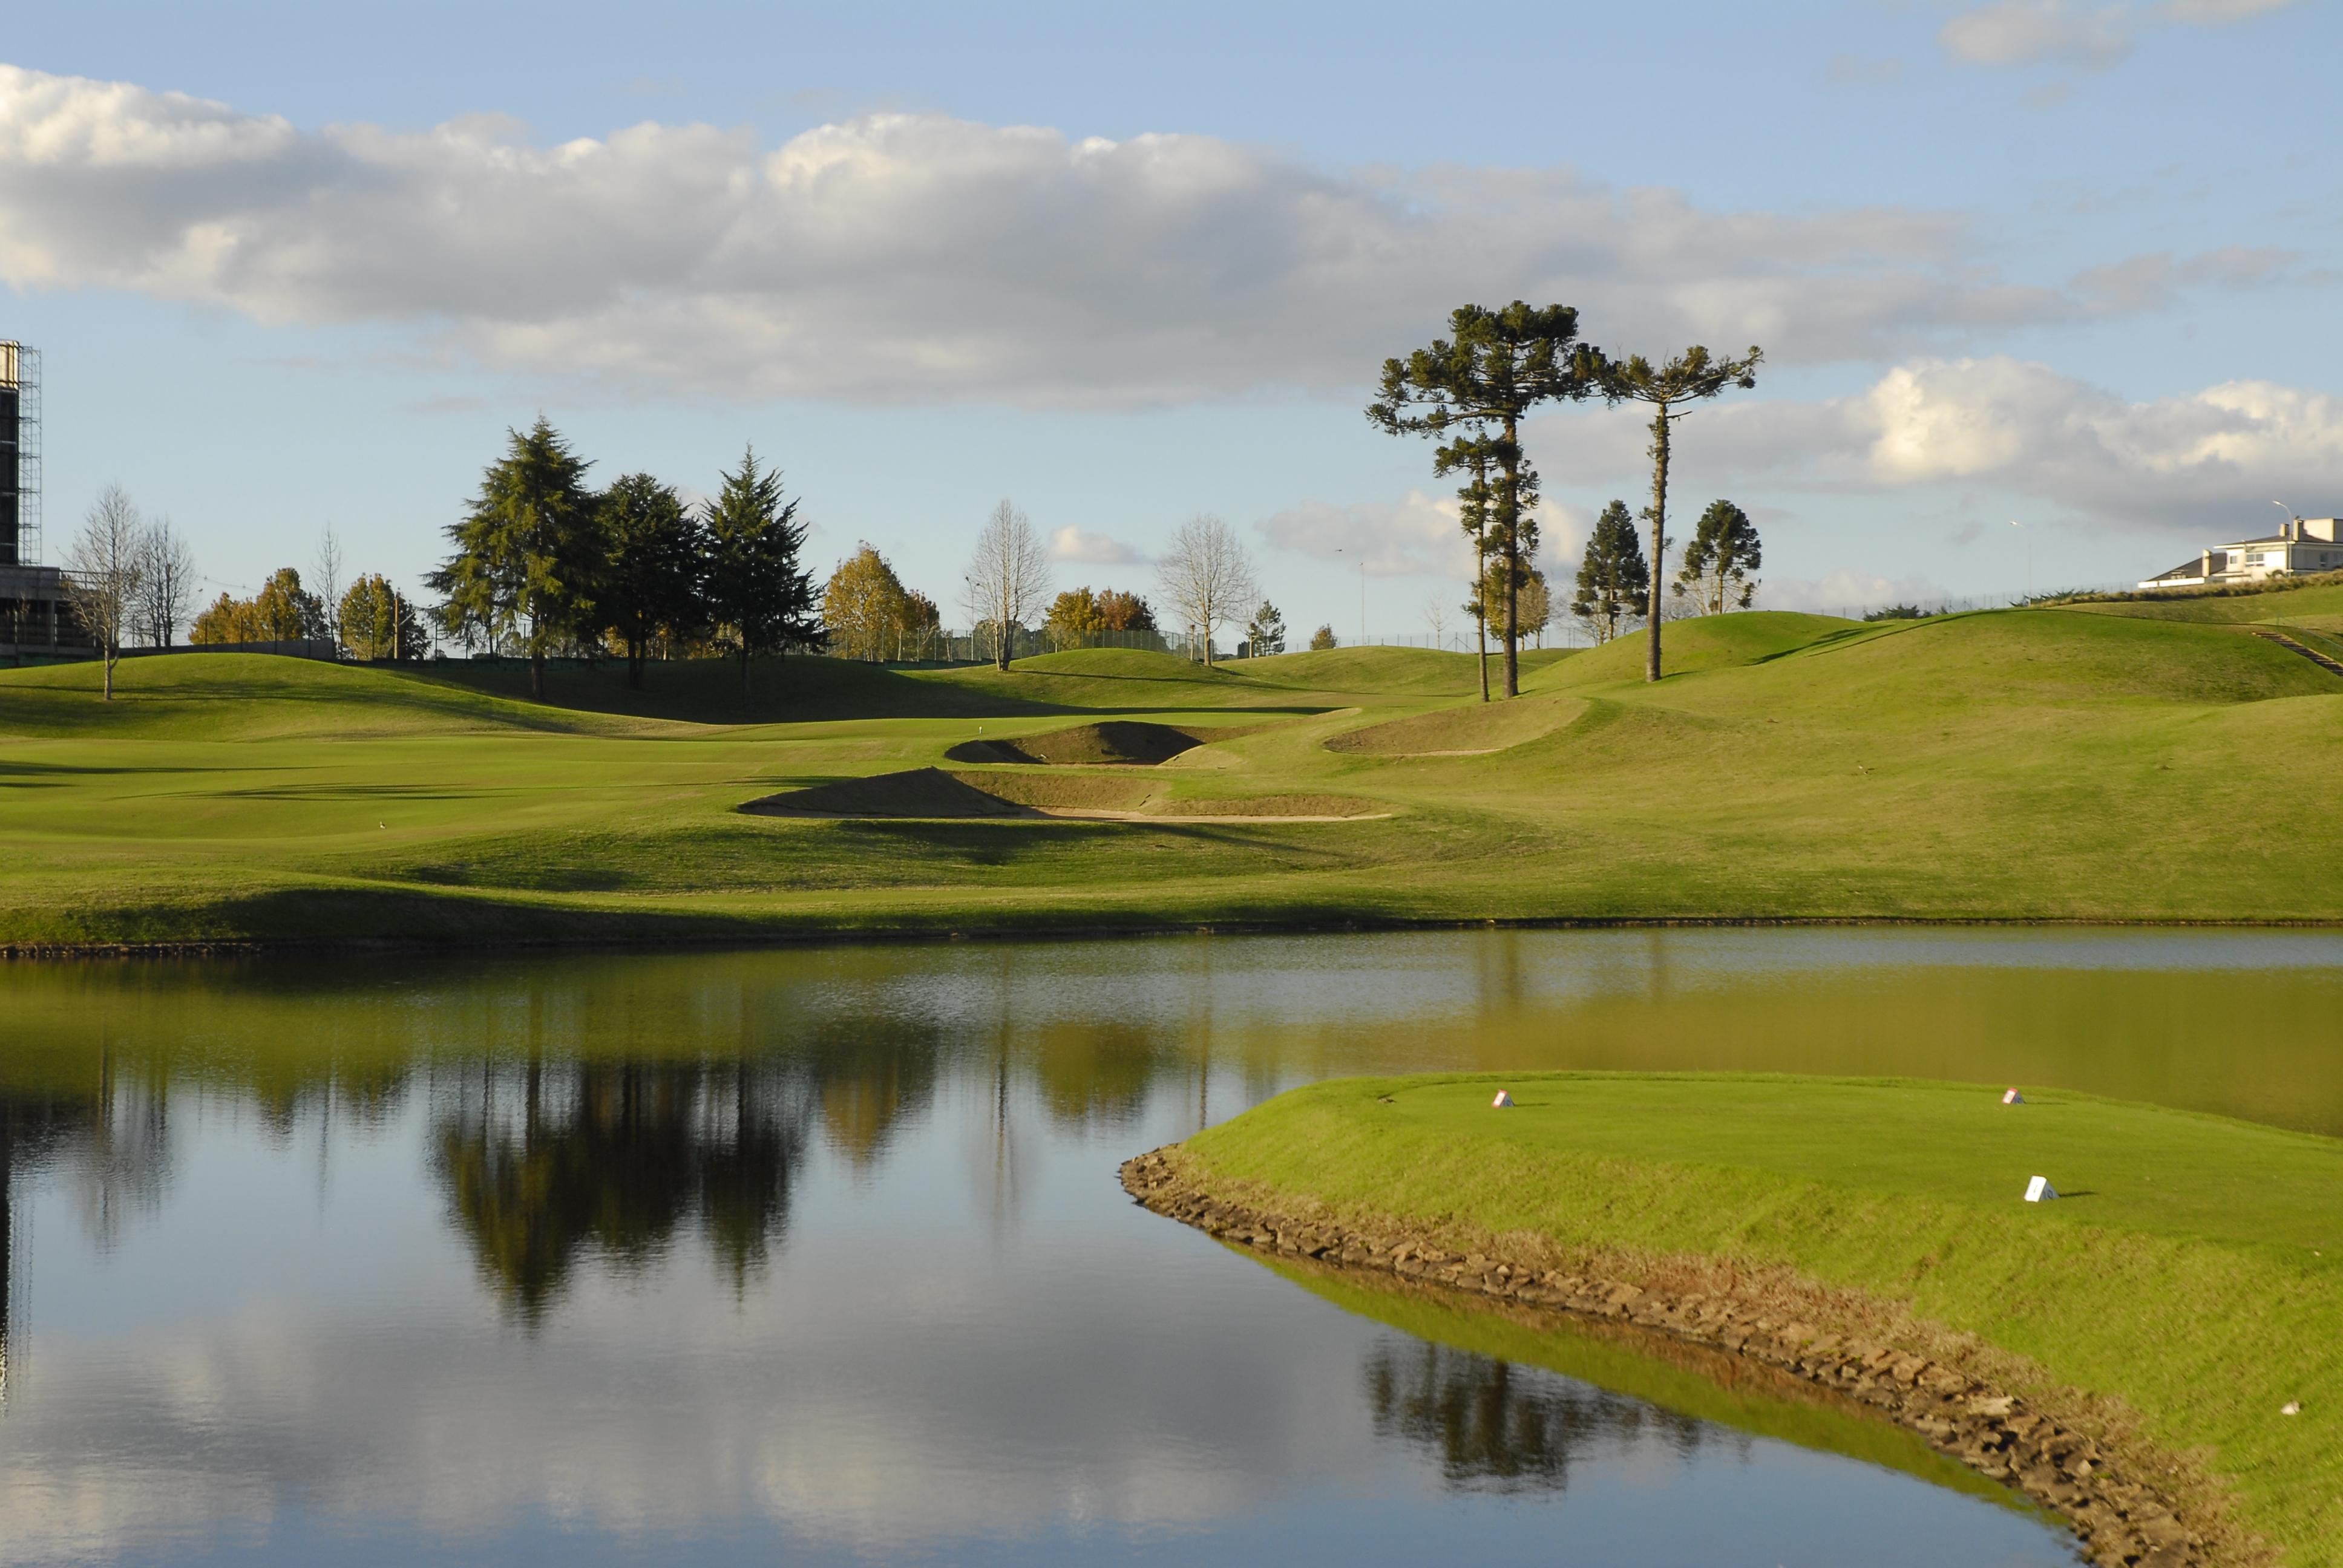 Graciosa Country Club confirma datas de realização do 70º Campeonato Aberto de Golf Cidade de Curitiba